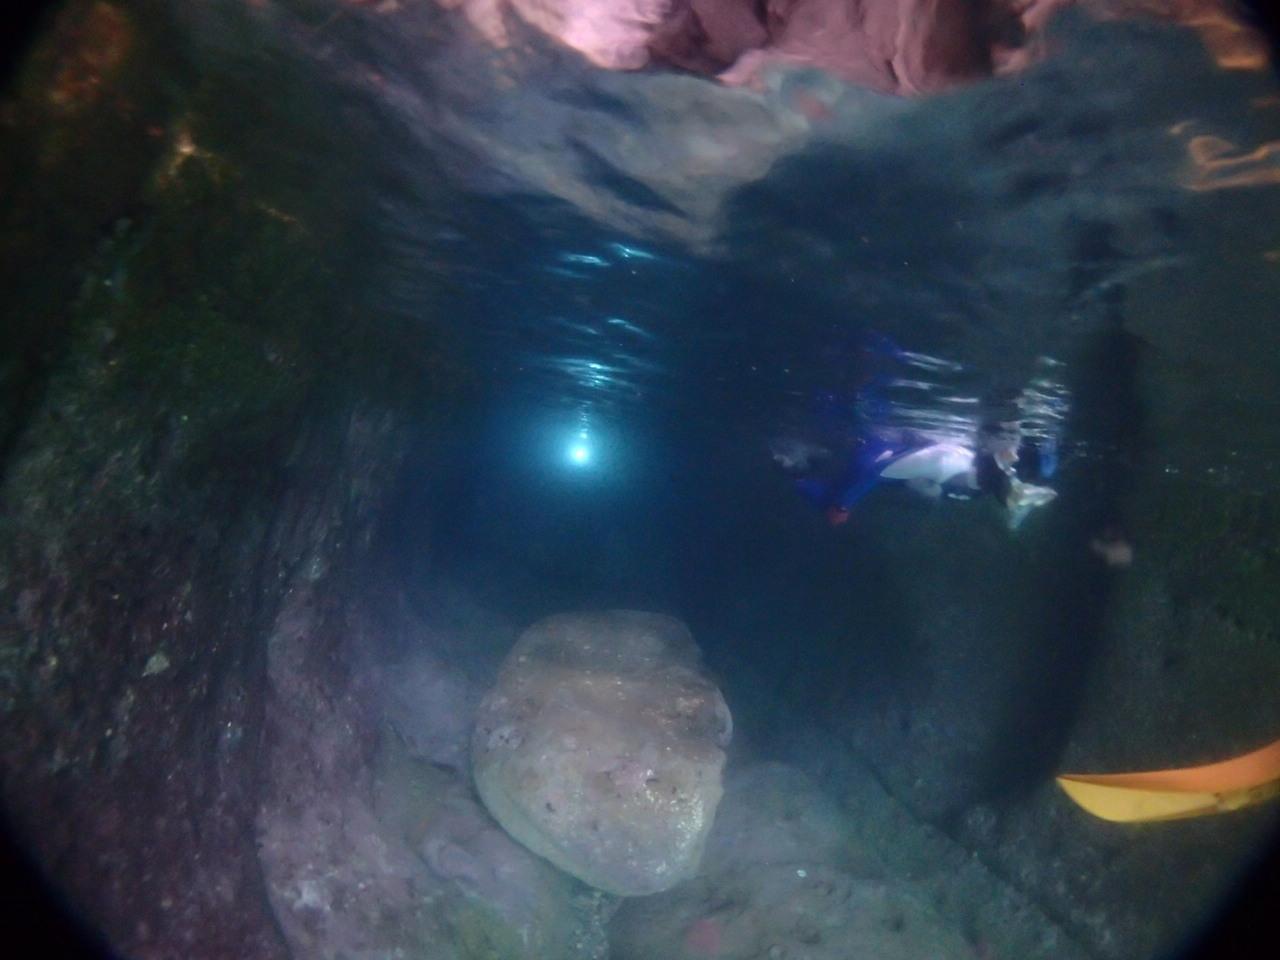 青の洞窟うしぶか ボートからのシュノーケリング遊び 天草牛深朝日を独り占め!早朝コース